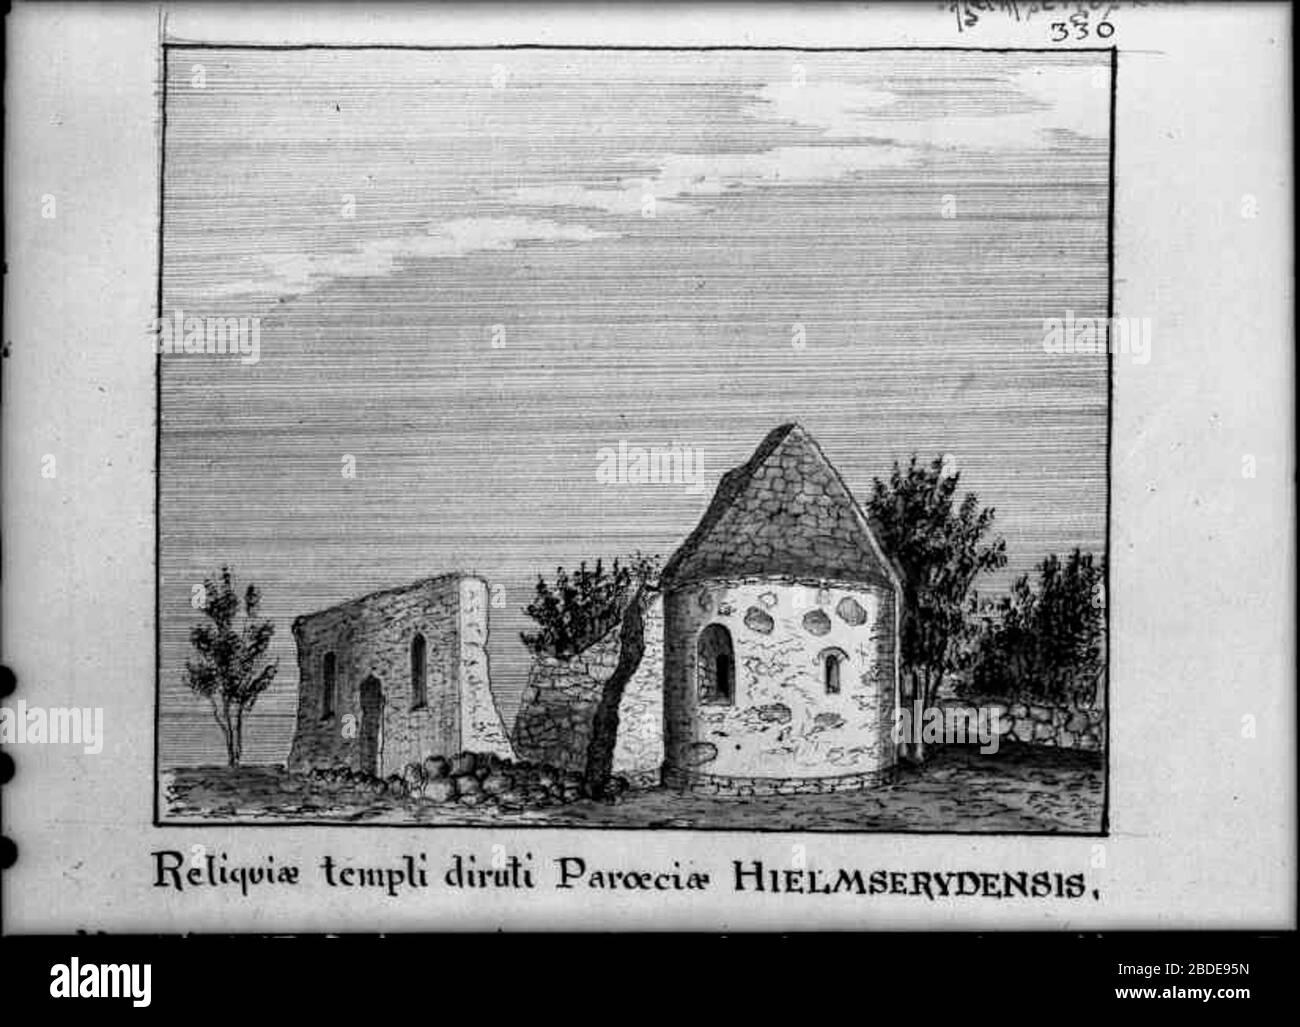 Lindberg - Offentliga medlemsfoton och skannade - Sk